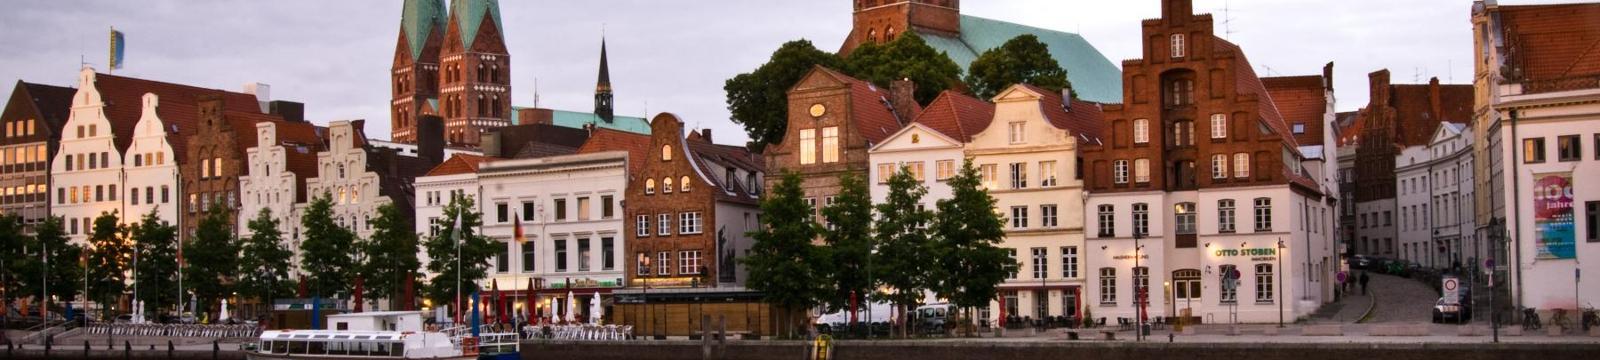 Sie Sucht Ihn Sex Lübeck